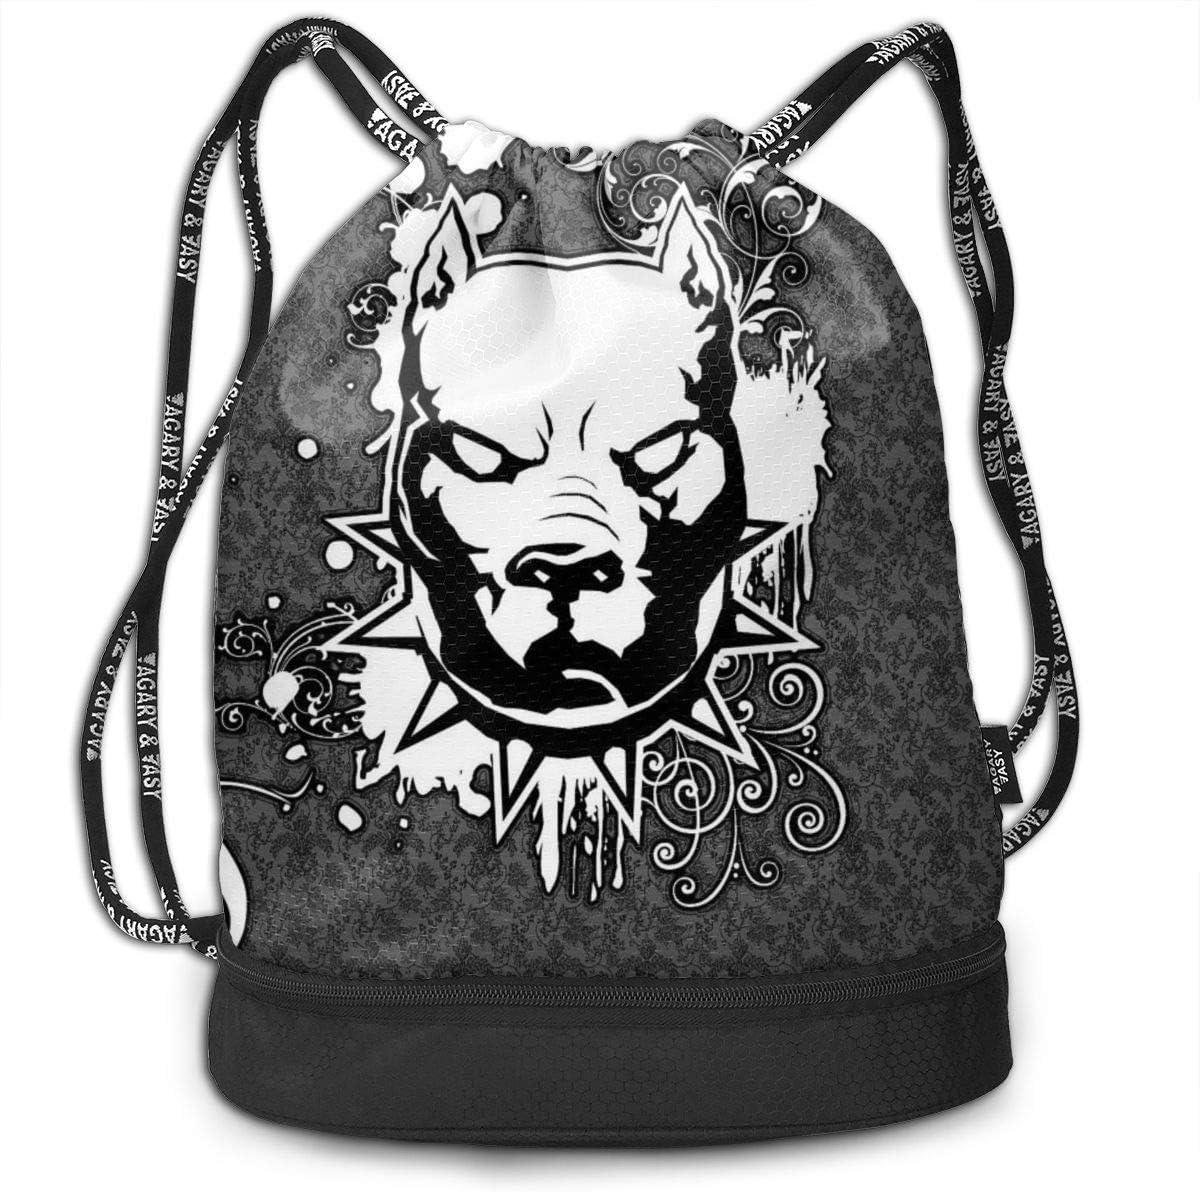 GymSack Drawstring Bag Sackpack Abstract Dog Skeleton Sport Cinch Pack Simple Bundle Pocke Backpack For Men Women